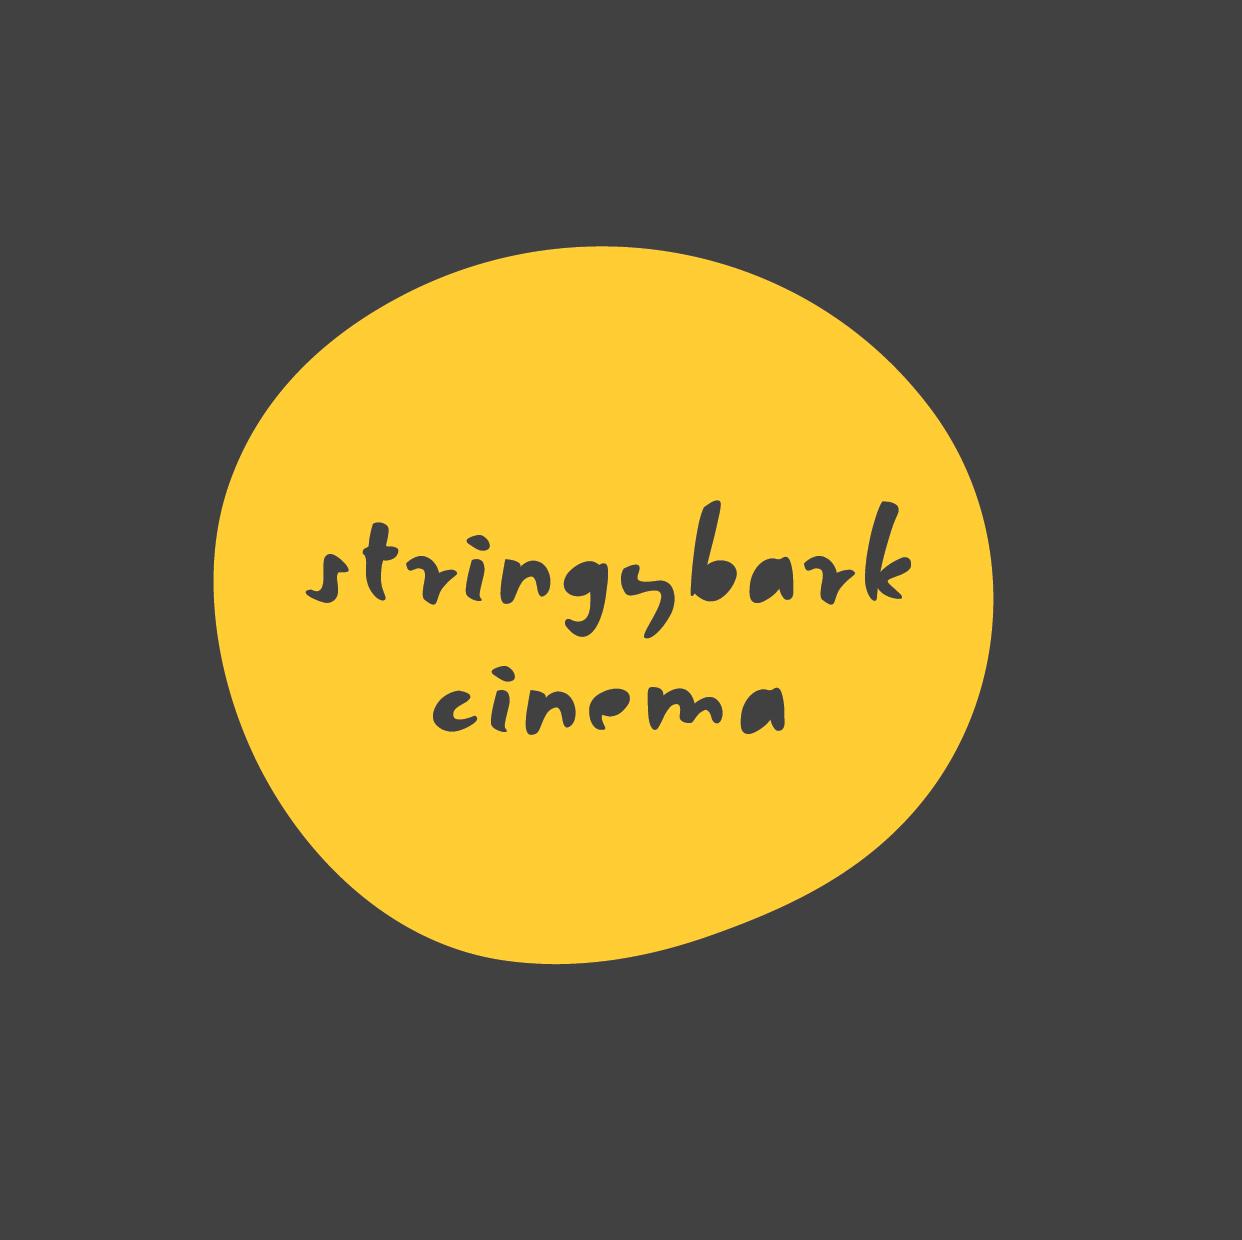 Stringybark Cinema